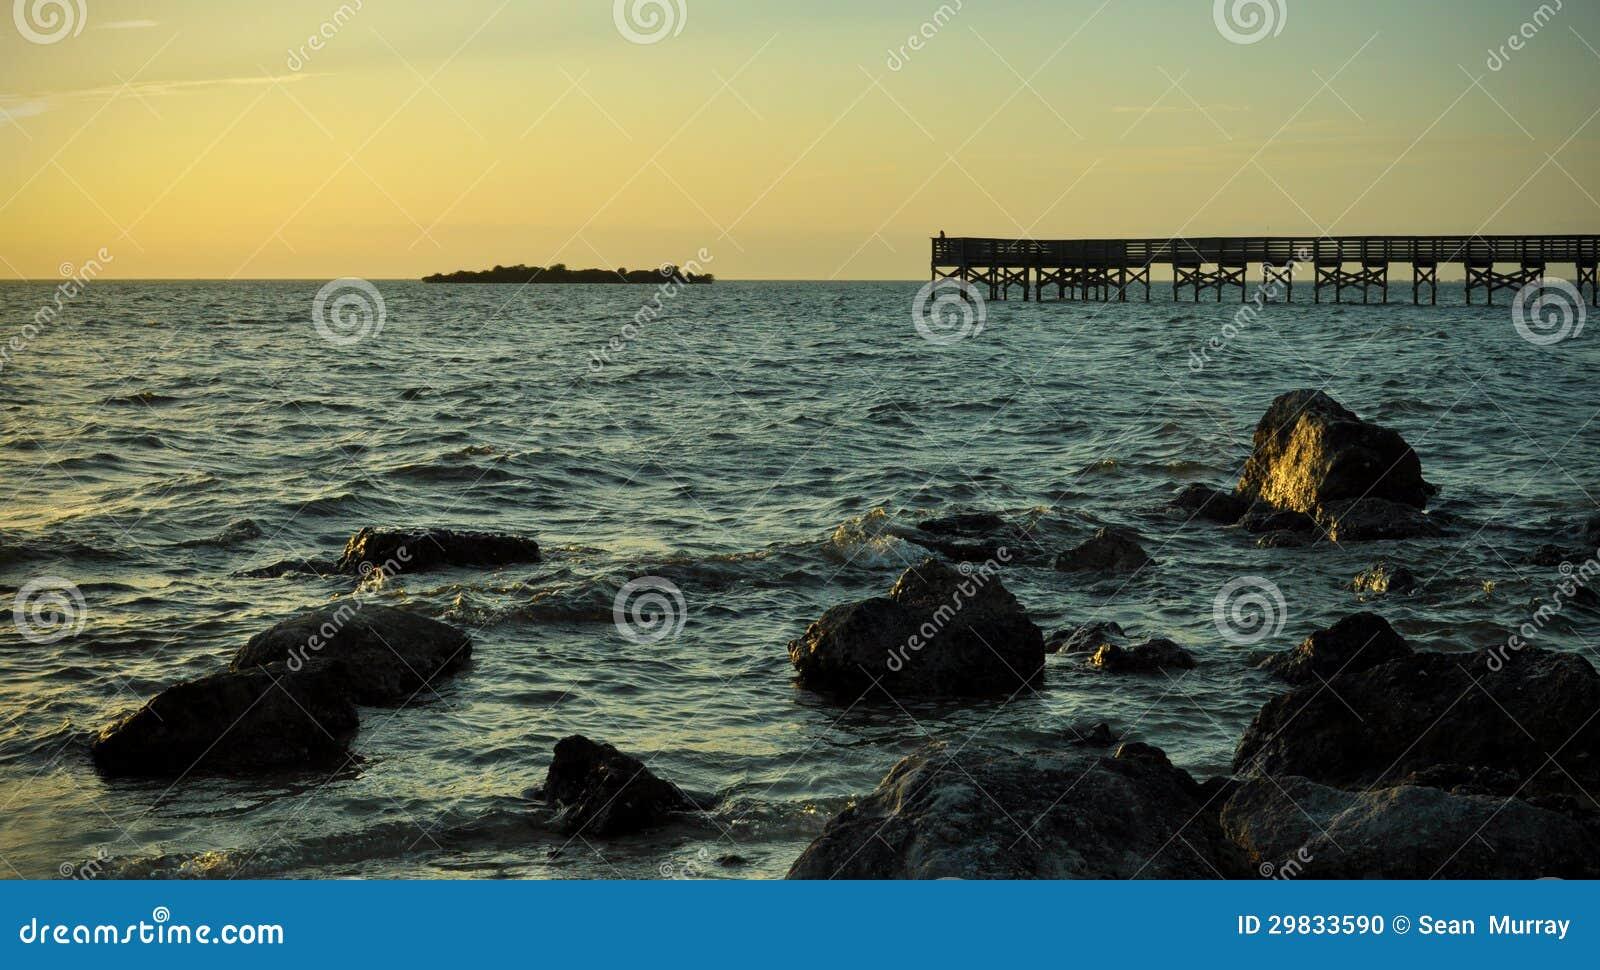 Doca perto de uma praia rochosa